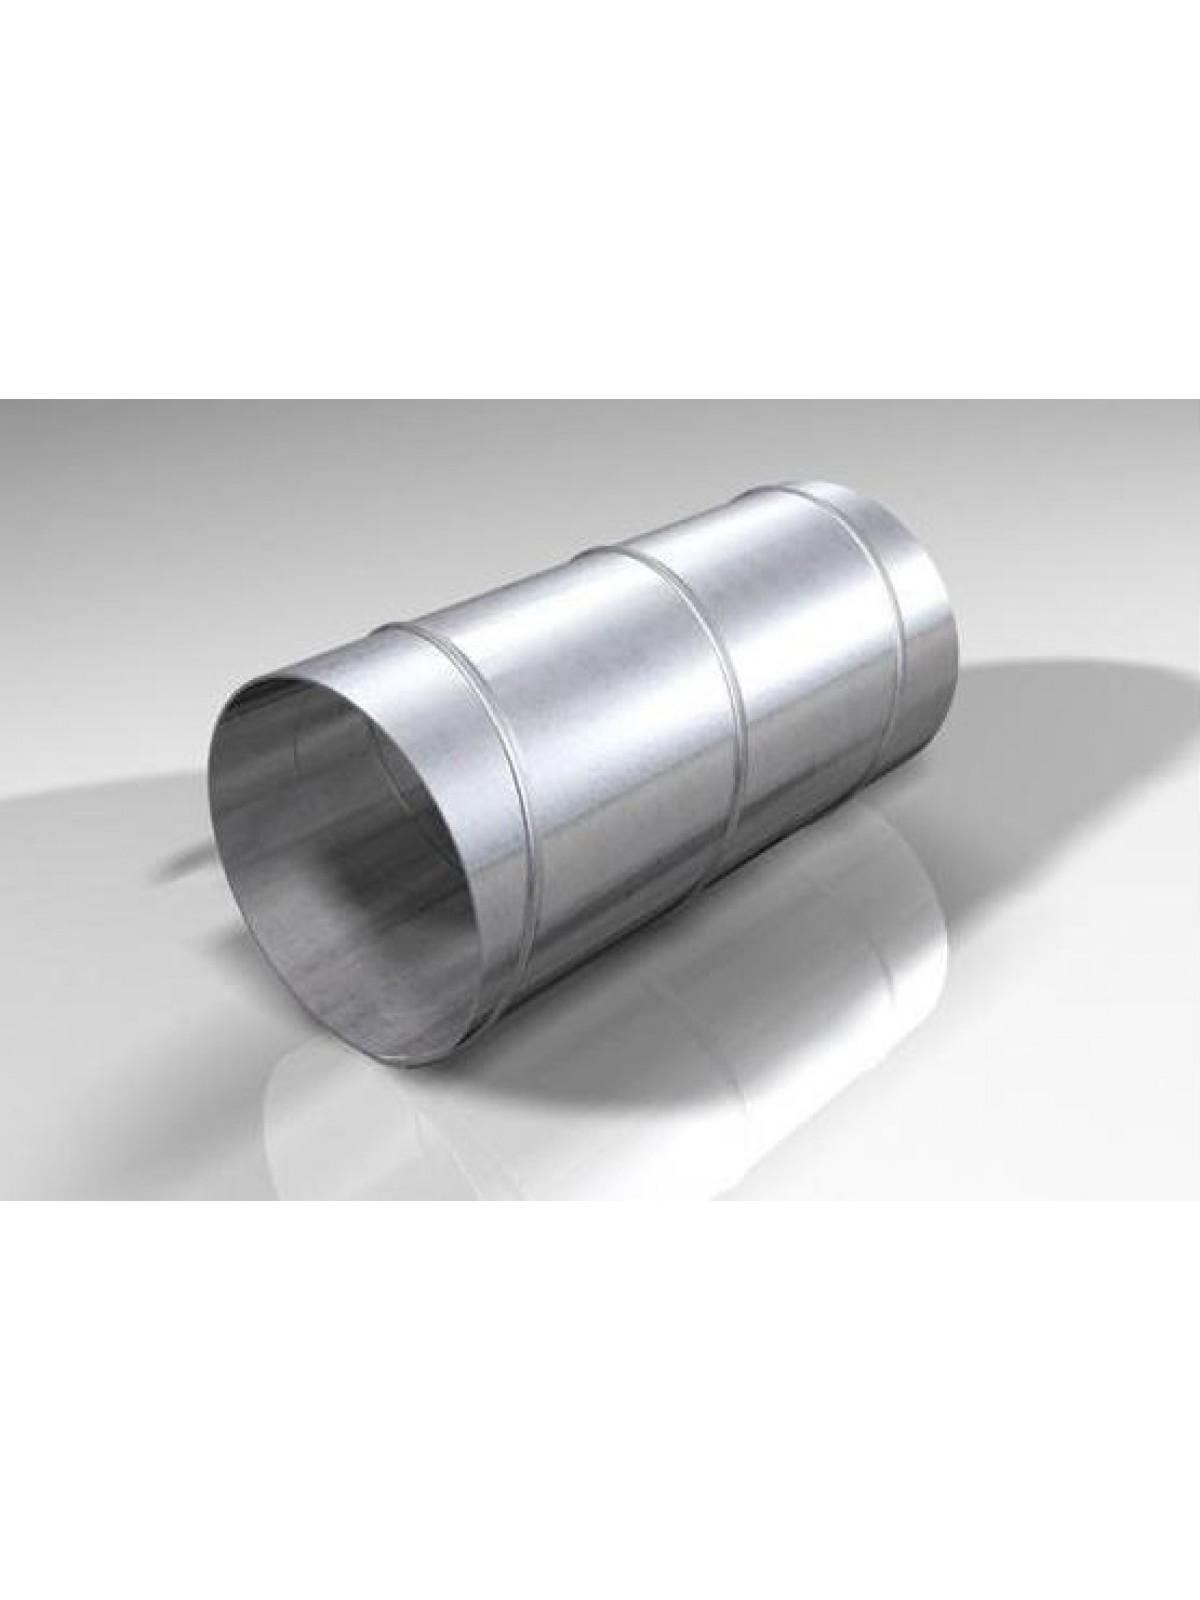 Монтаж воздуховодов оцинкованных круглых диаметром 312 мм